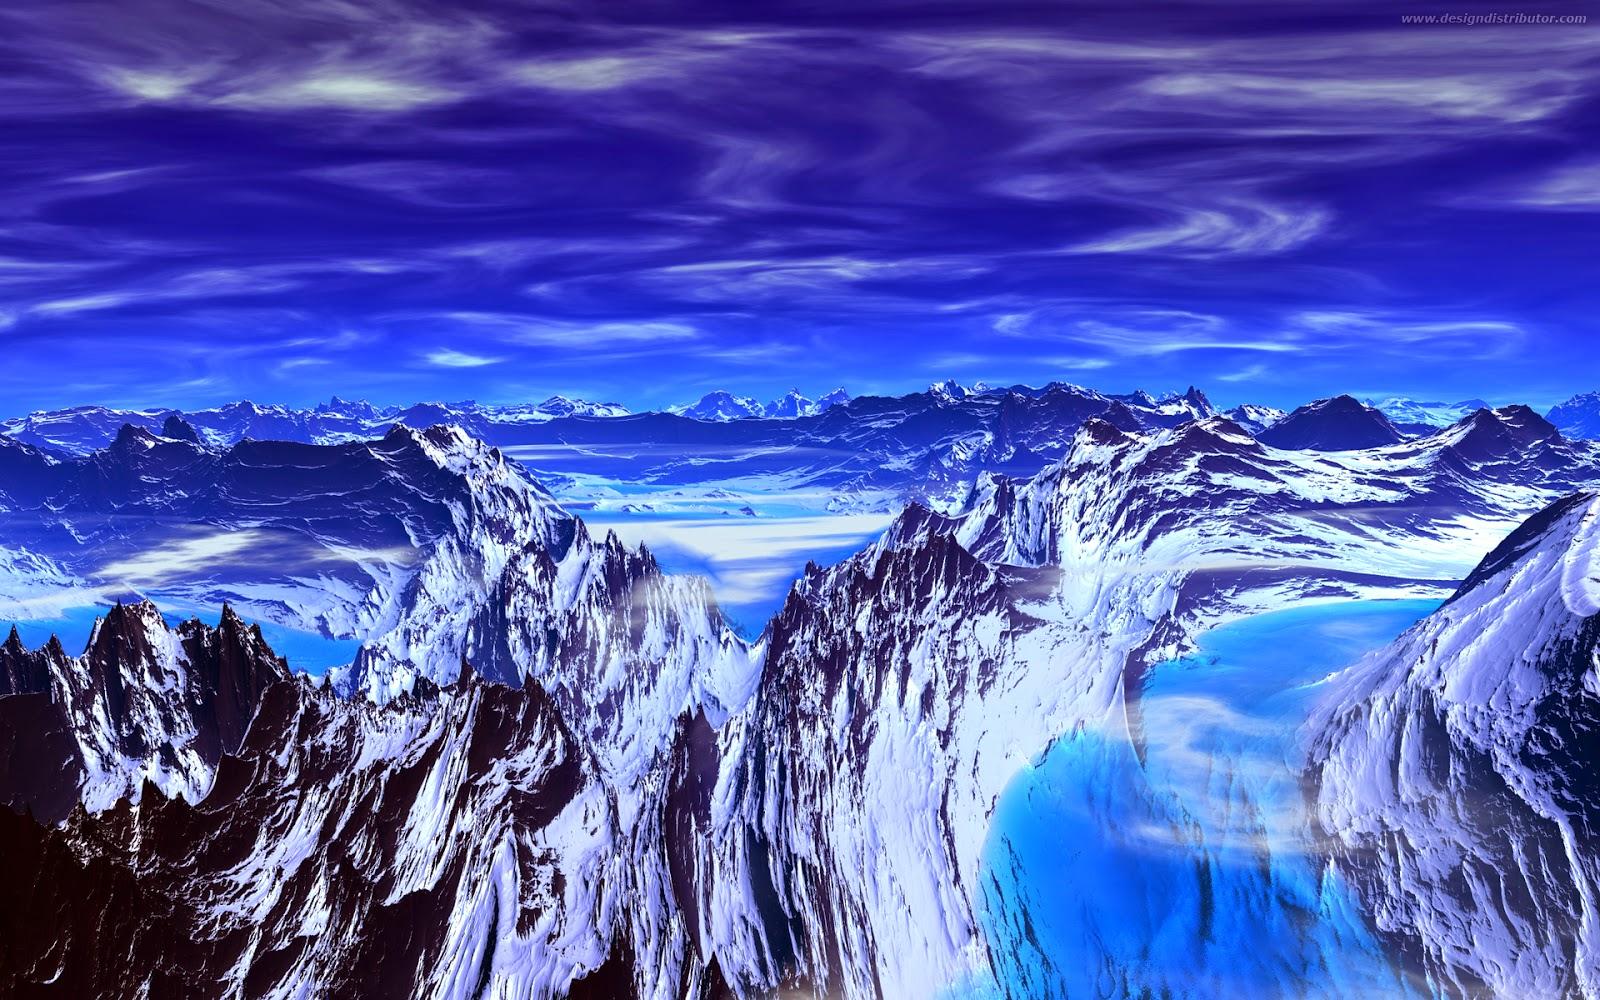 Fondos de pantalla de paisajes hd fondos de pantalla y for Foto full hd per desktop